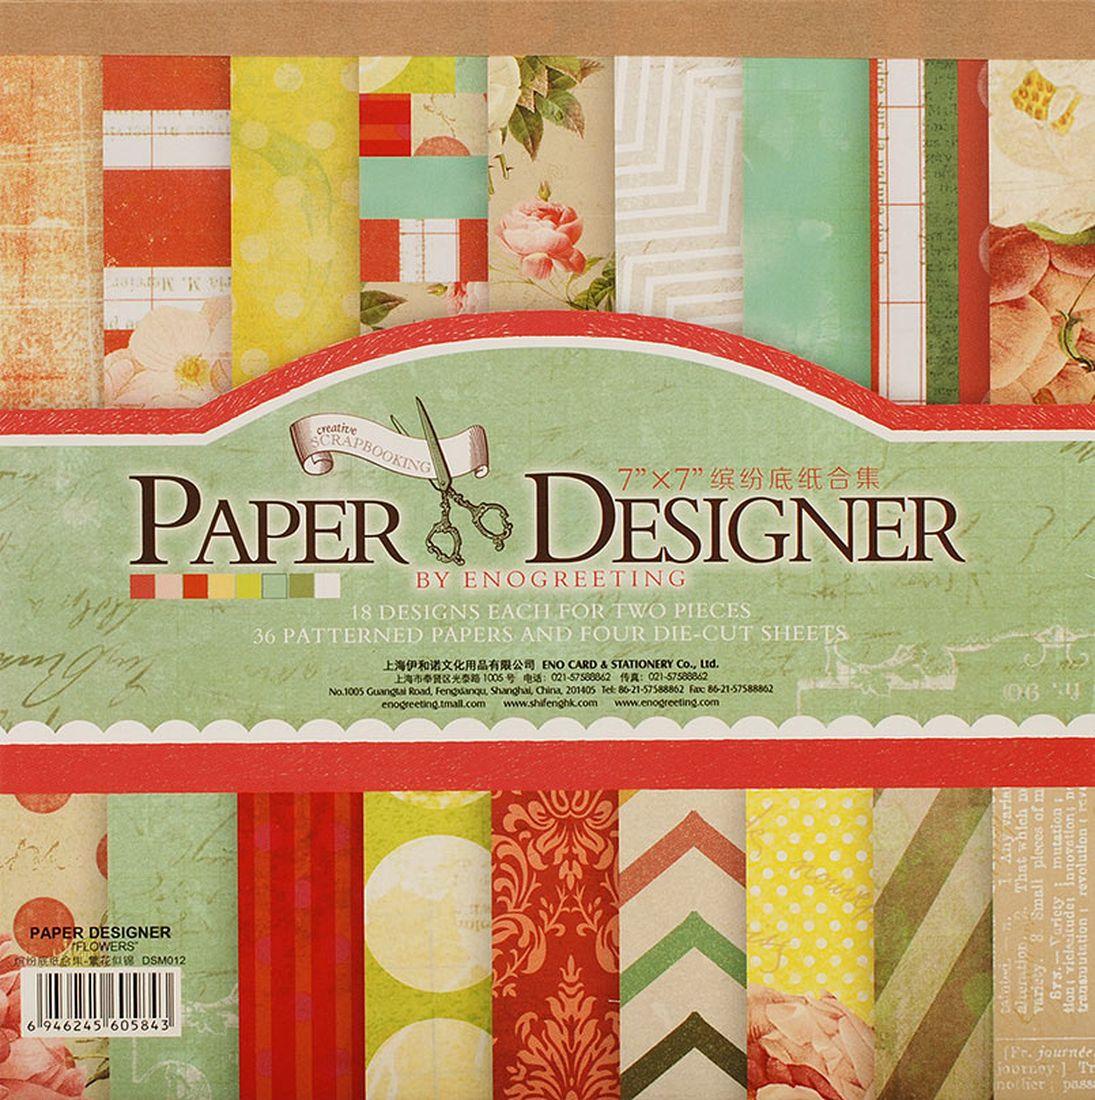 Набор бумаги для скрапбукинга Белоснежка Яркие цветы, 17,5 x 17,5 см, 36 листов010-SBНабор бумаги для скрапбукинга Яркие цветы позволит создать красивый альбом, фоторамку или открытку ручной работы, оформить подарок или аппликацию.Набор включает 36 листов из плотной бумаги: 18 дизайнов по 2 листа каждый и 4 листа с вырубкой.Размер листа: 17,5 х 17,5 см. Листы плотные, толщина - 0,25 мм, матовые, с хорошей четкой печатью, с одной стороны напечатан фоновый рисунок, обратная сторона - тонированная однотонная.Отличительная особенность набора - наличие нескольких листов с фигурной вырубкой различной формы и дизайна.